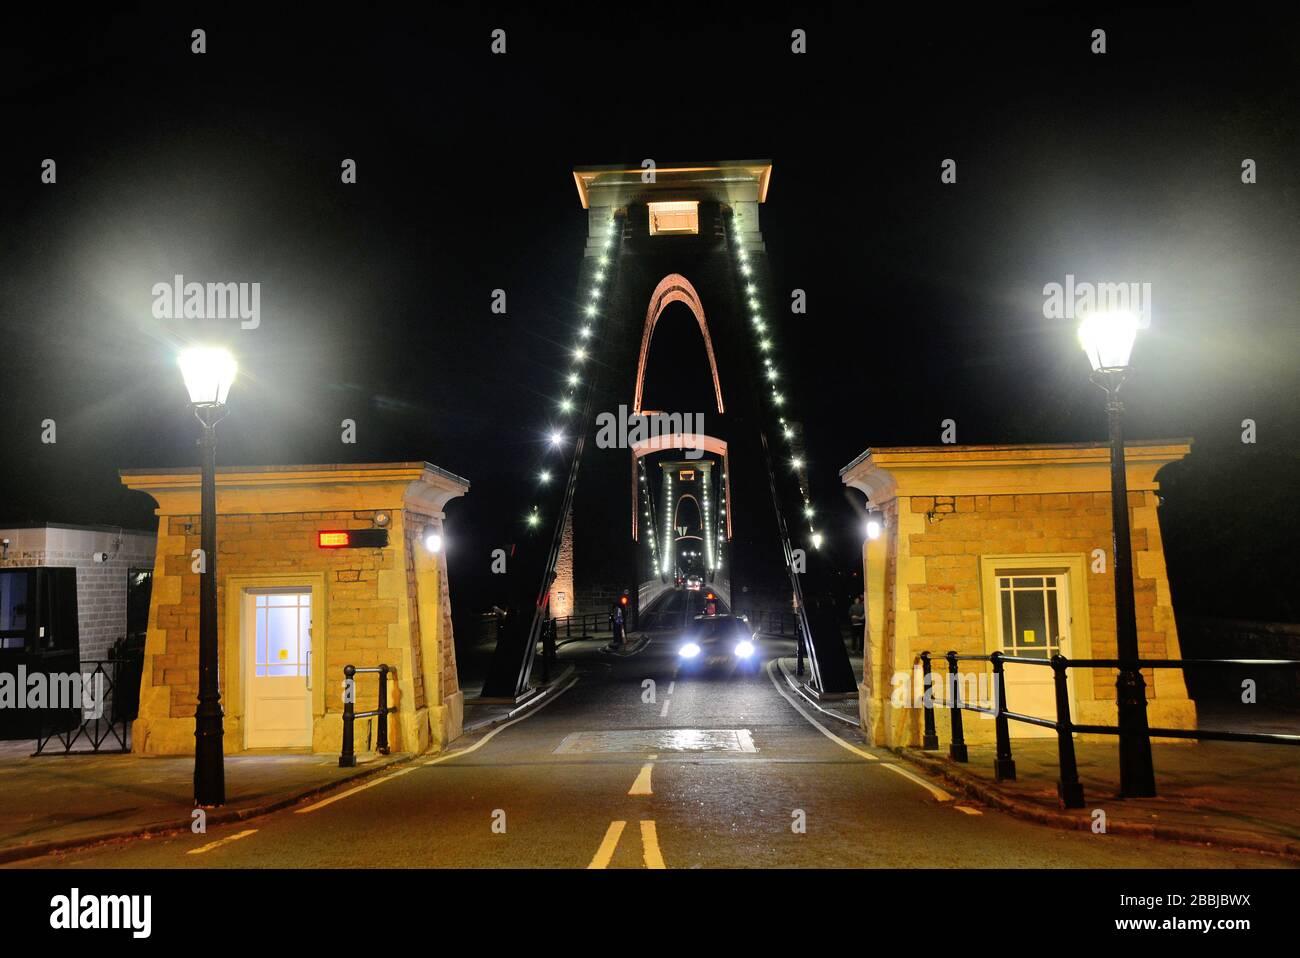 Prise de vue nocturne du pont suspendu de clifton enjambant la rivière Avon gorge Banque D'Images